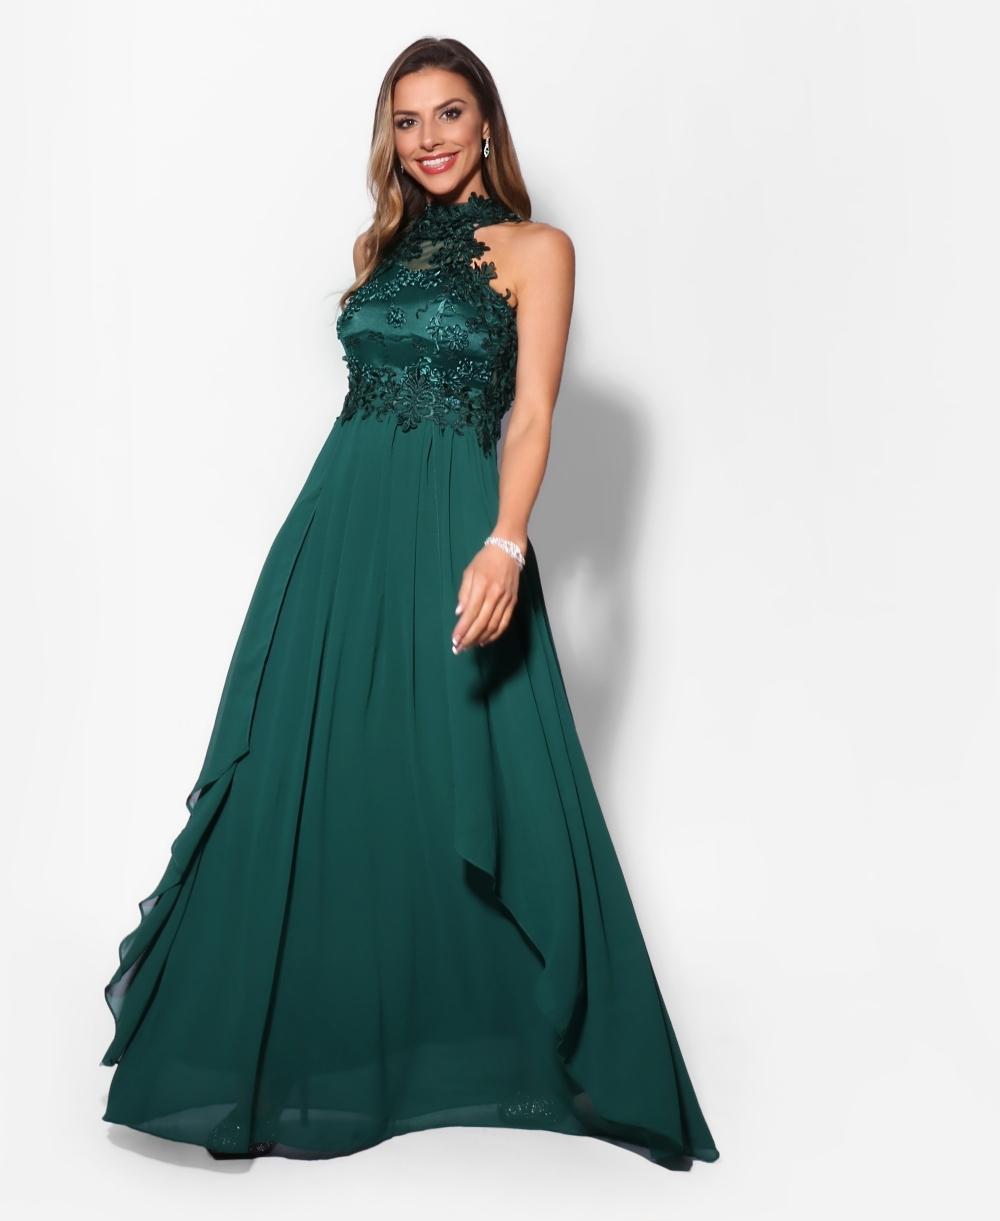 f4fd5db2 Prom Dresses | Lace Halterneck Maxi Dress | KRISP